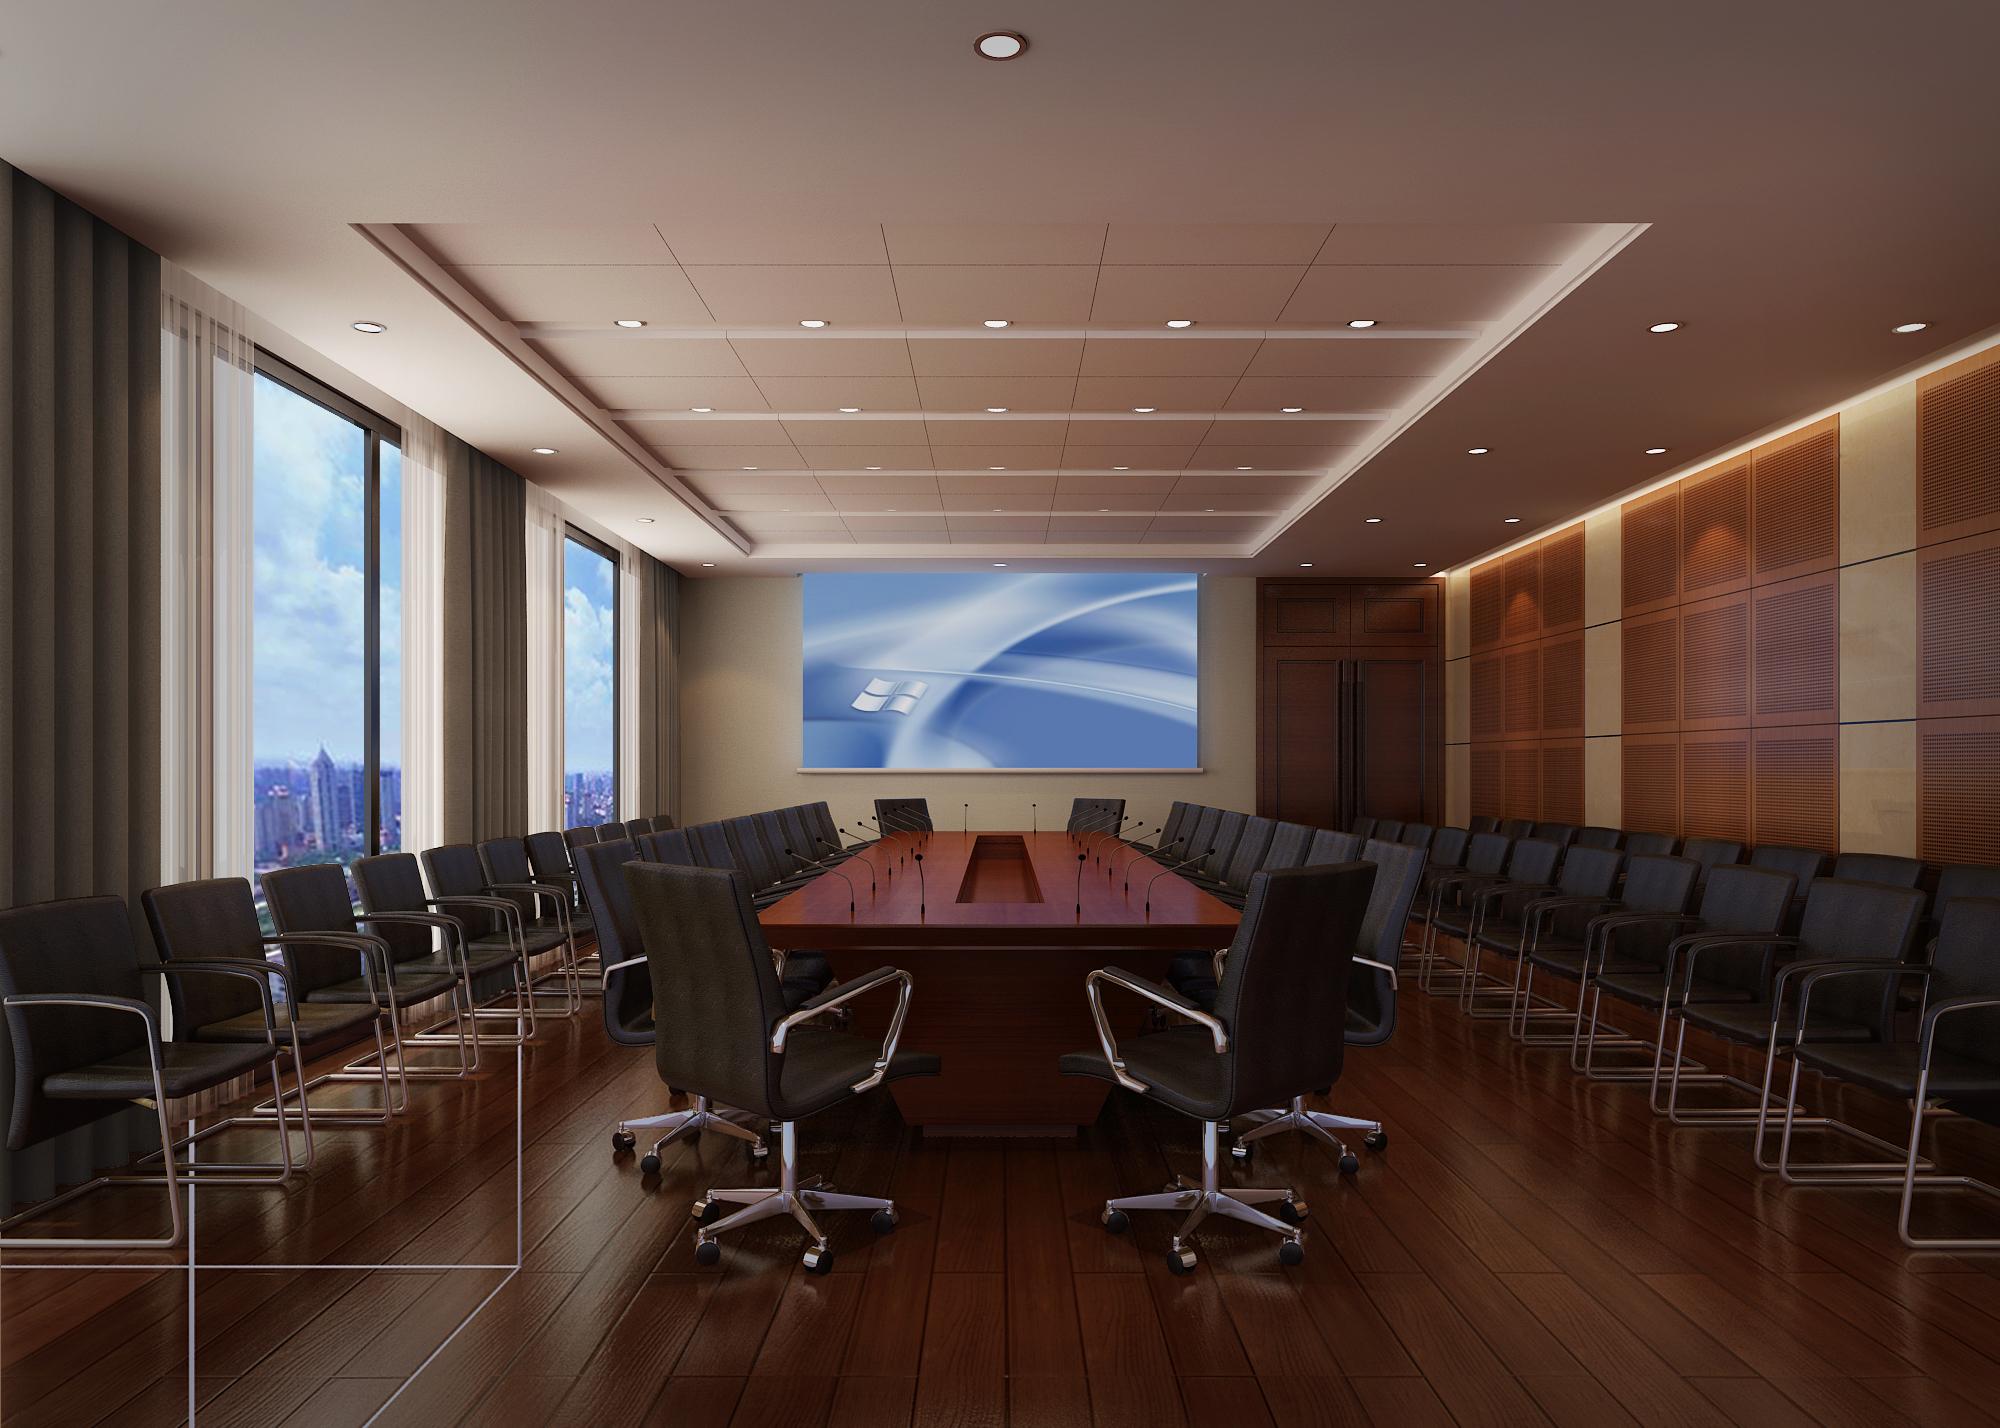 供应办公室写字楼装修—万达办公室,武汉赫伦美筑提供办公室装修,写字楼装修,商业空间装修,售楼部装修,样板房装修